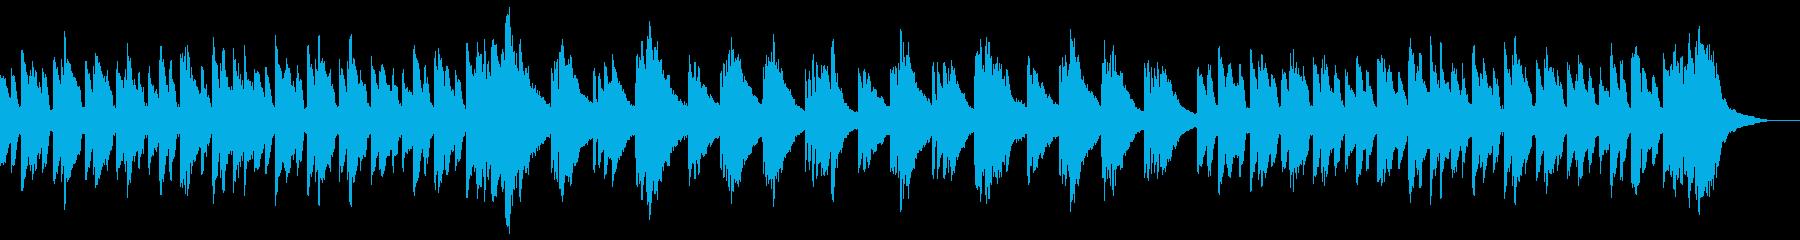 ほのぼのとした雰囲気のピアノソロの再生済みの波形